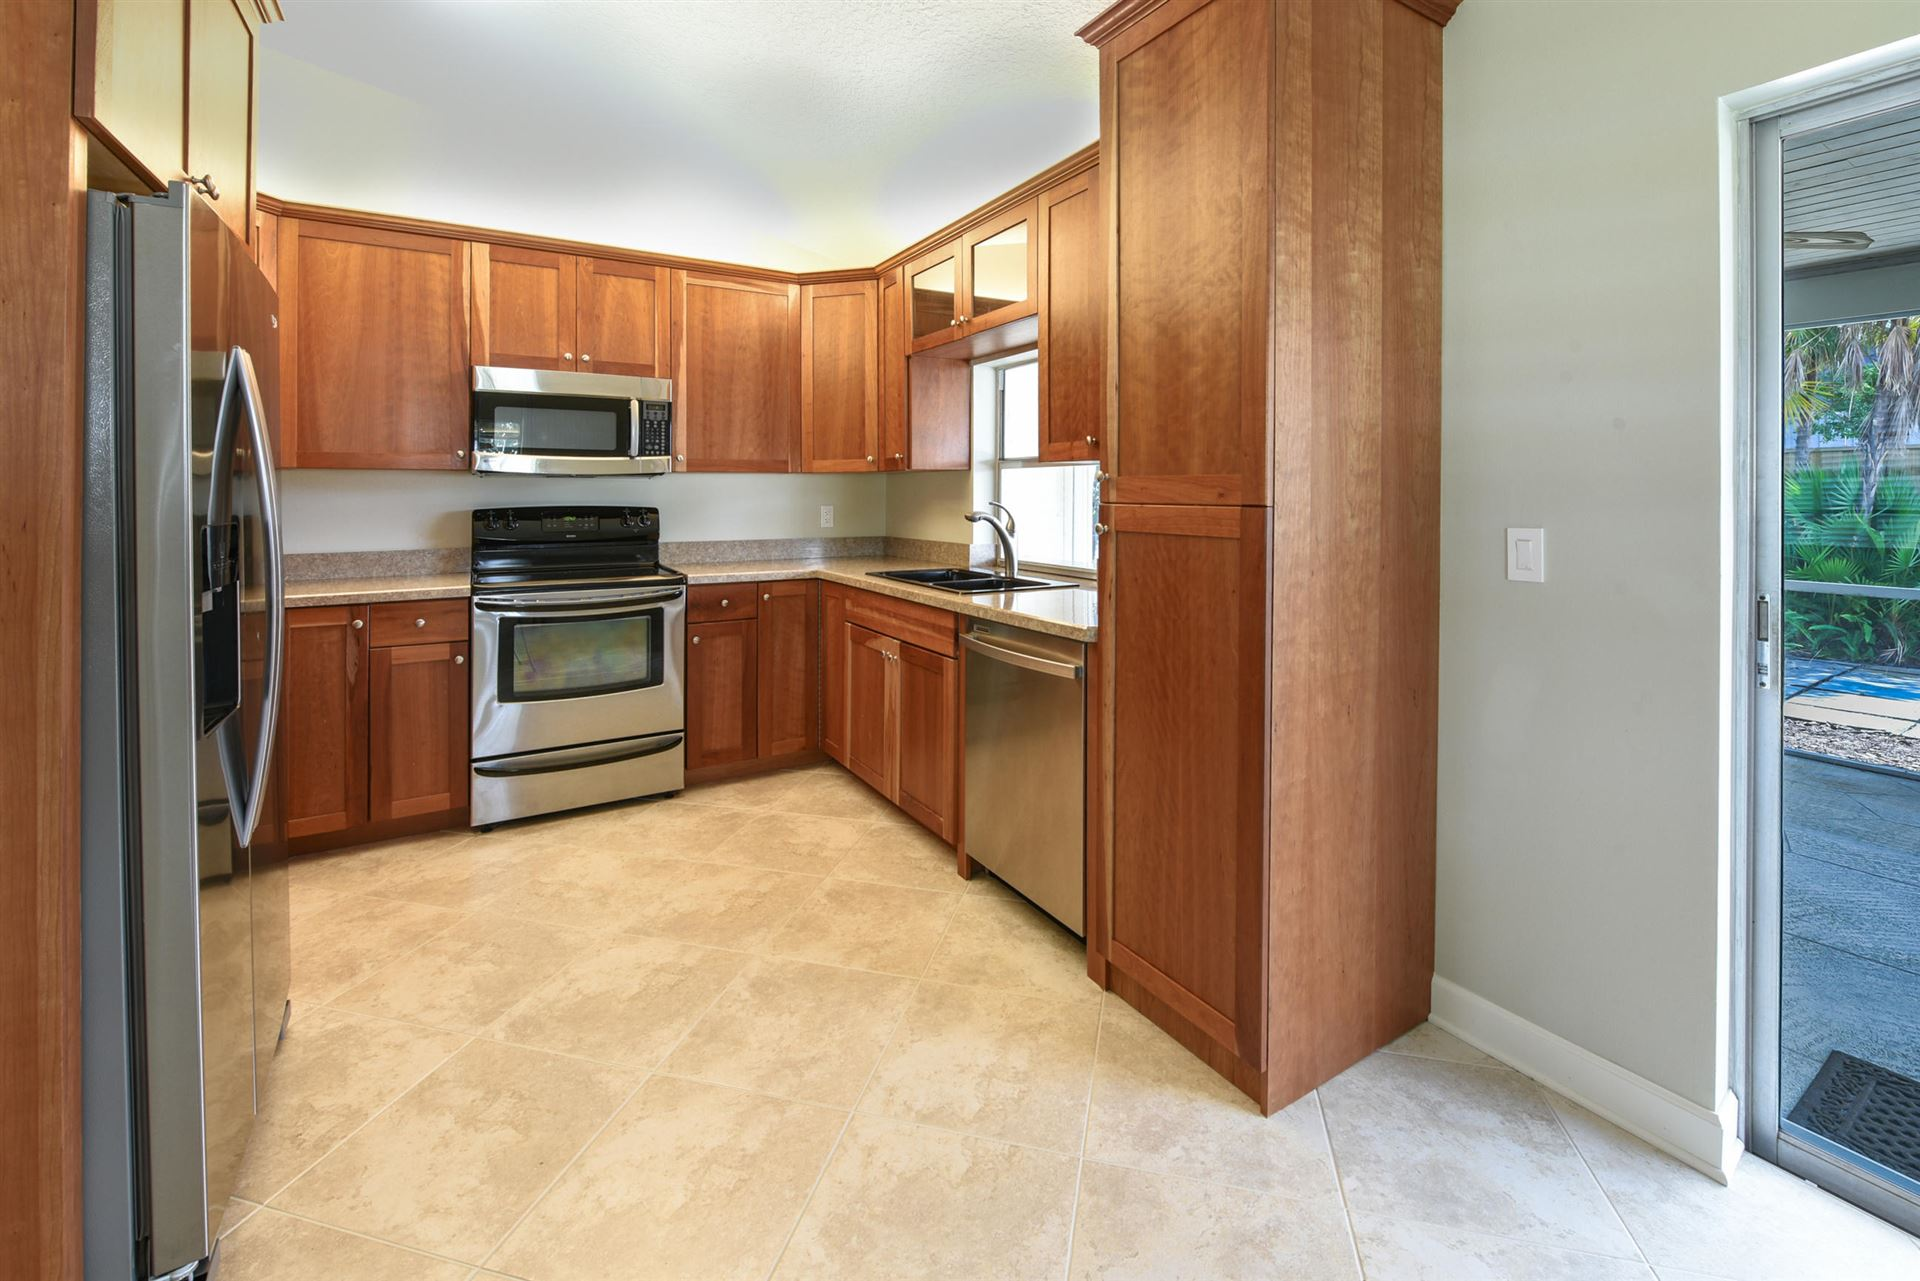 Photo of 4106 Wingo Street, Jupiter, FL 33469 (MLS # RX-10646973)